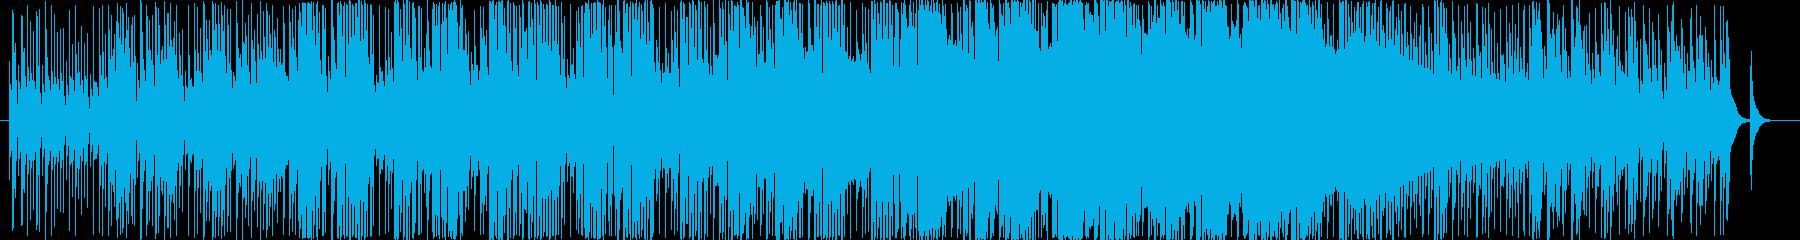 動画 アクション 感情的 静か エ...の再生済みの波形